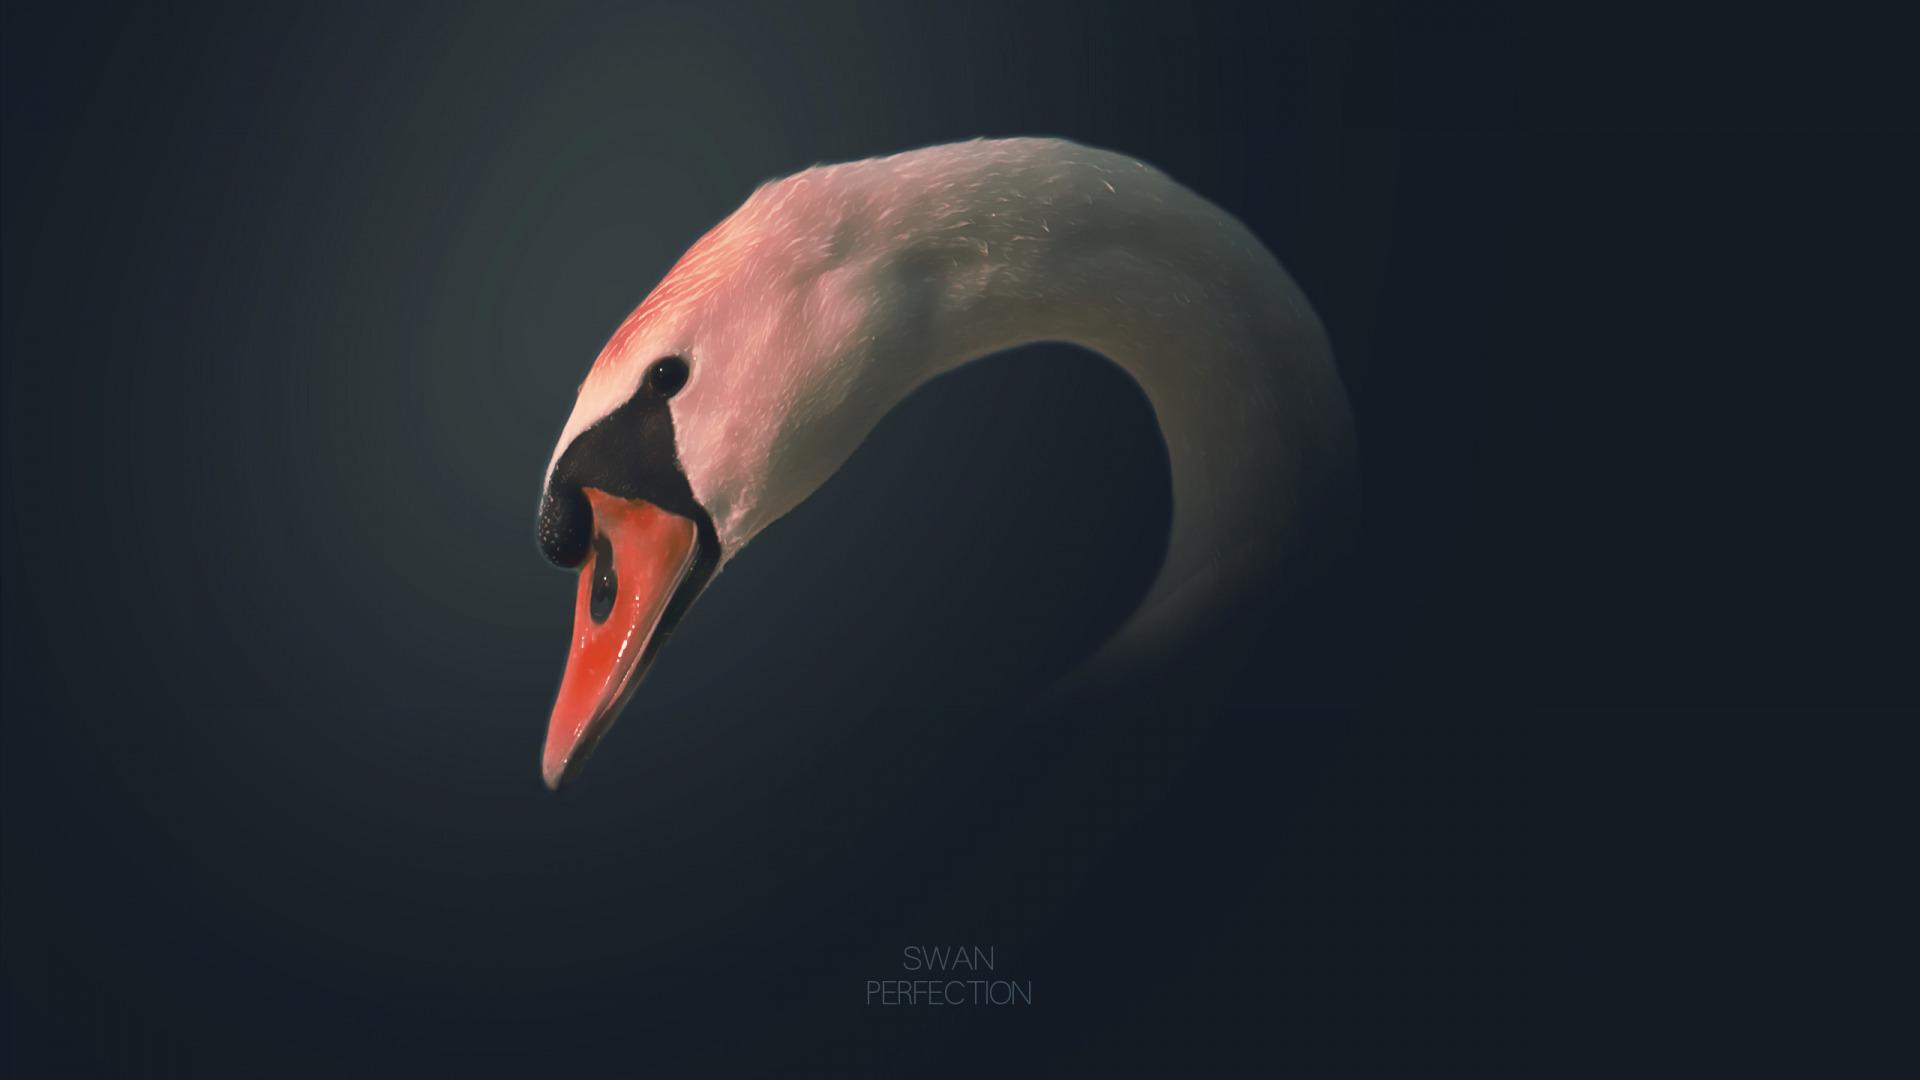 Черный стеклянный лебедь  № 3137127 загрузить